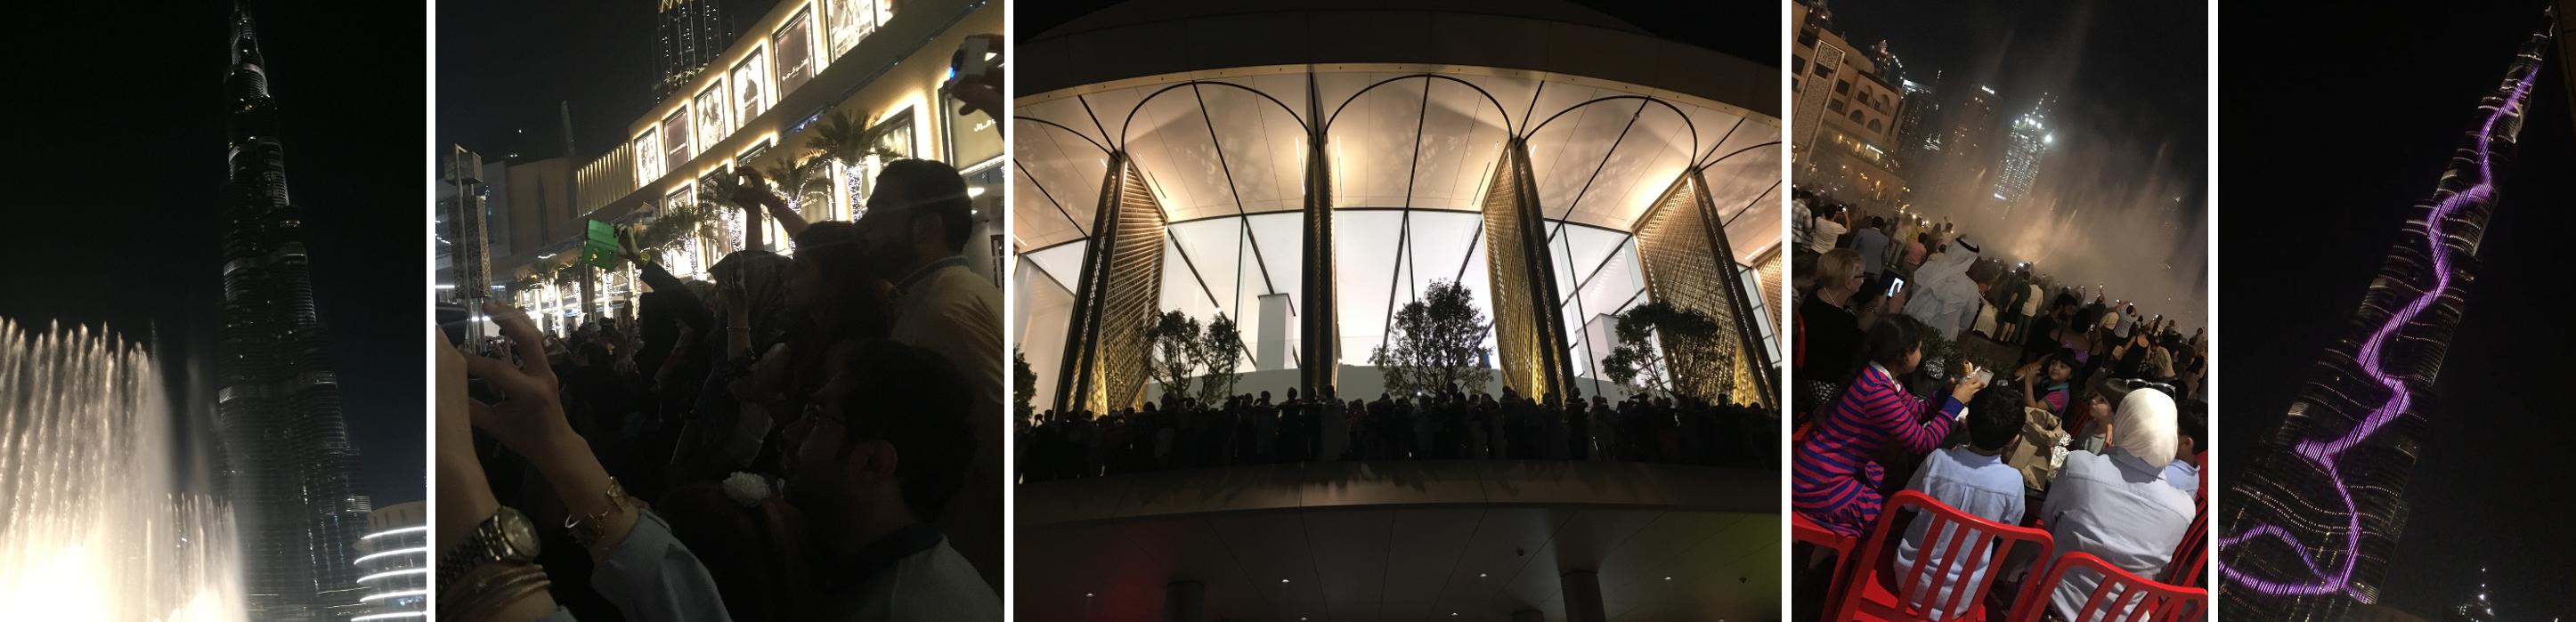 Emirat mit Stadt der Superlative PART1 Dubai, Vereinigte Arabische ...